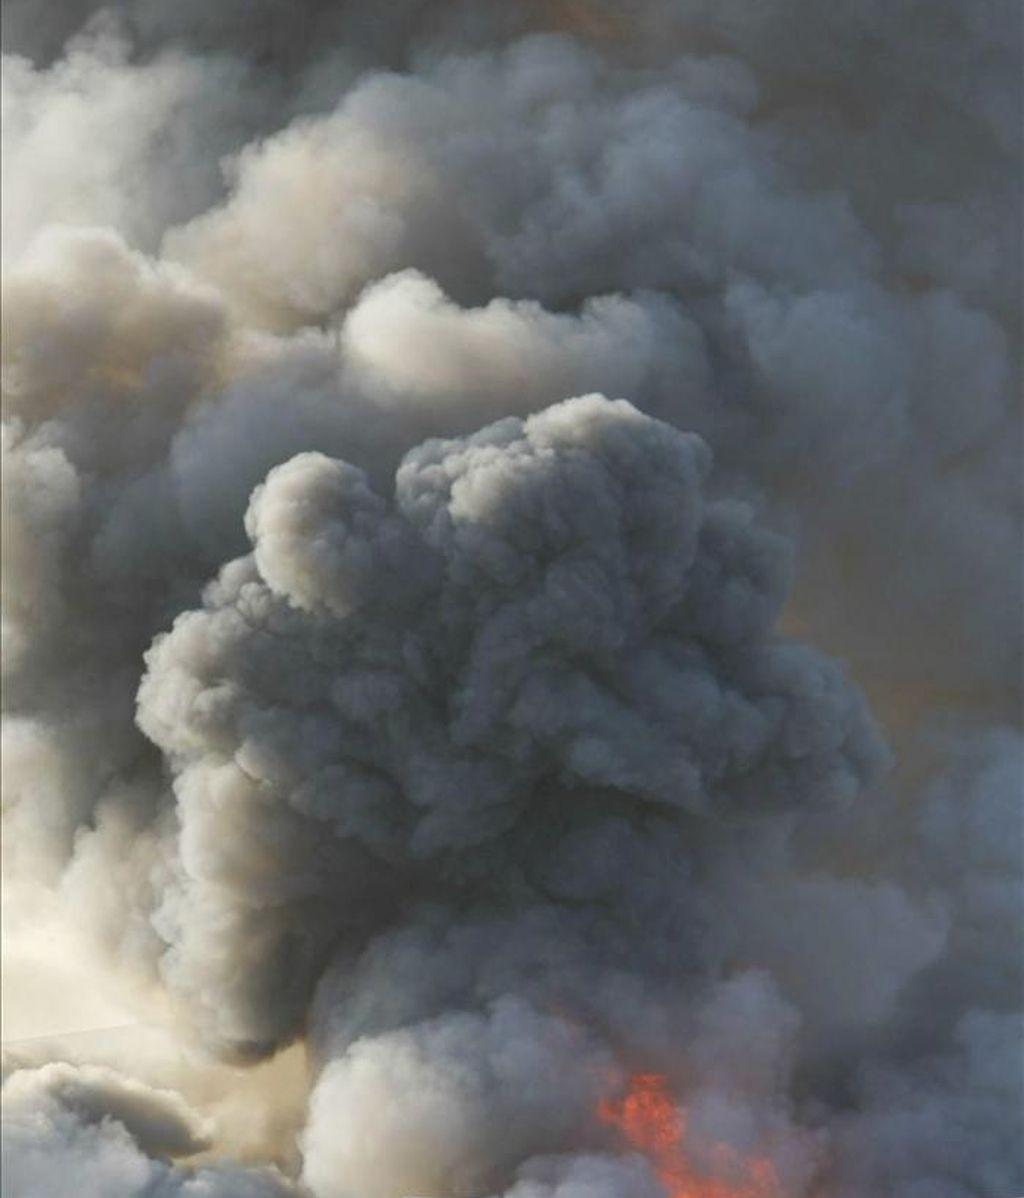 Vista de la columna de humo de un incendio declarado en Zaragoza. EFE/Archivo